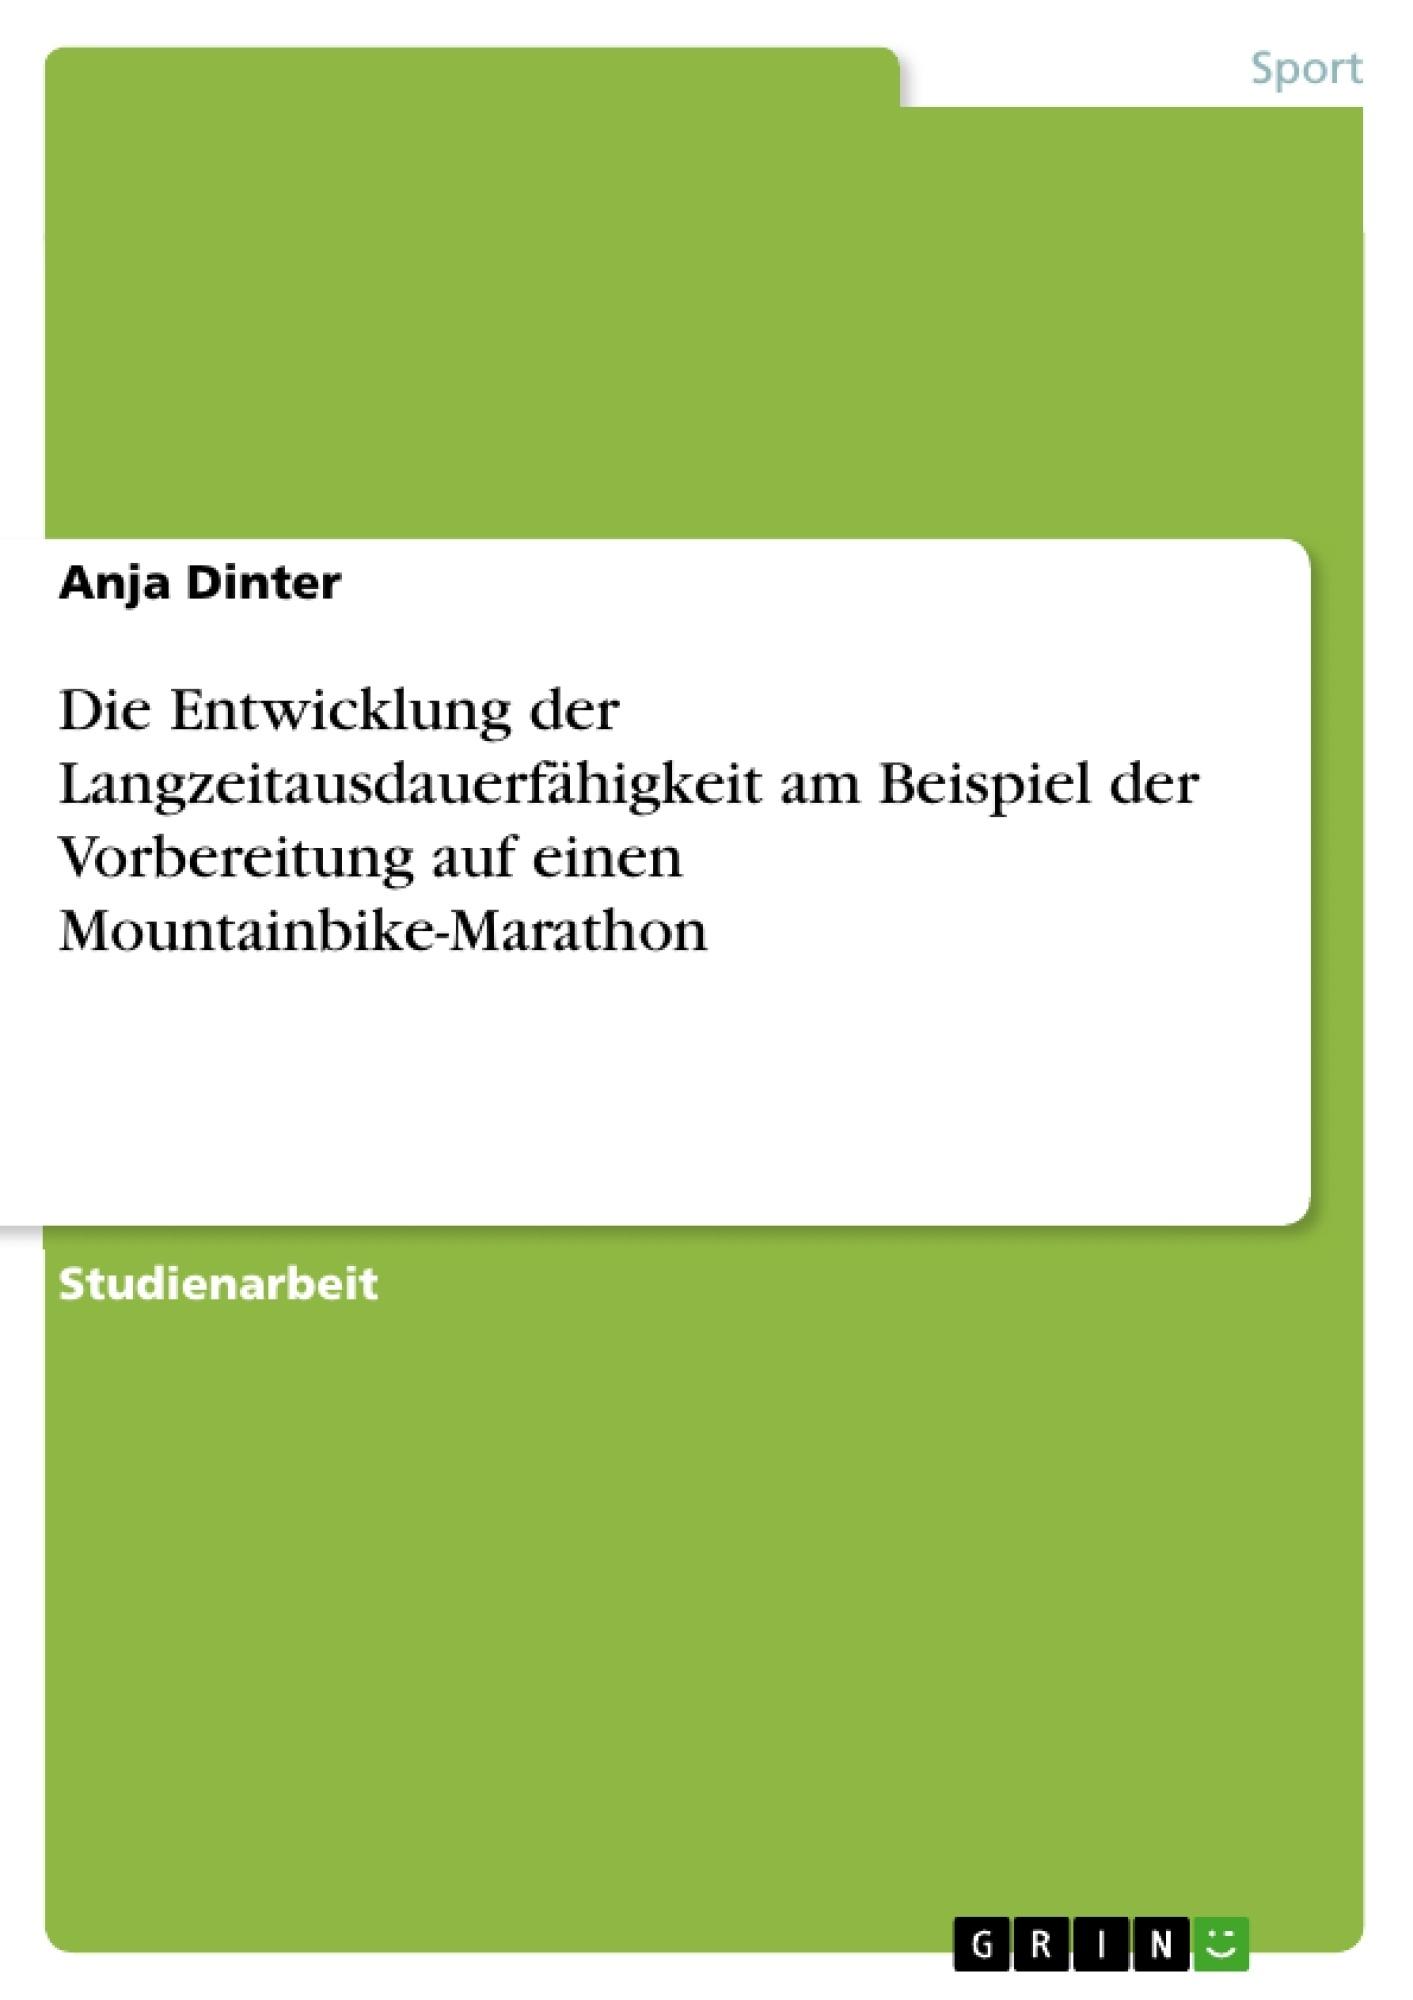 Titel: Die Entwicklung der Langzeitausdauerfähigkeit am Beispiel der Vorbereitung auf einen Mountainbike-Marathon